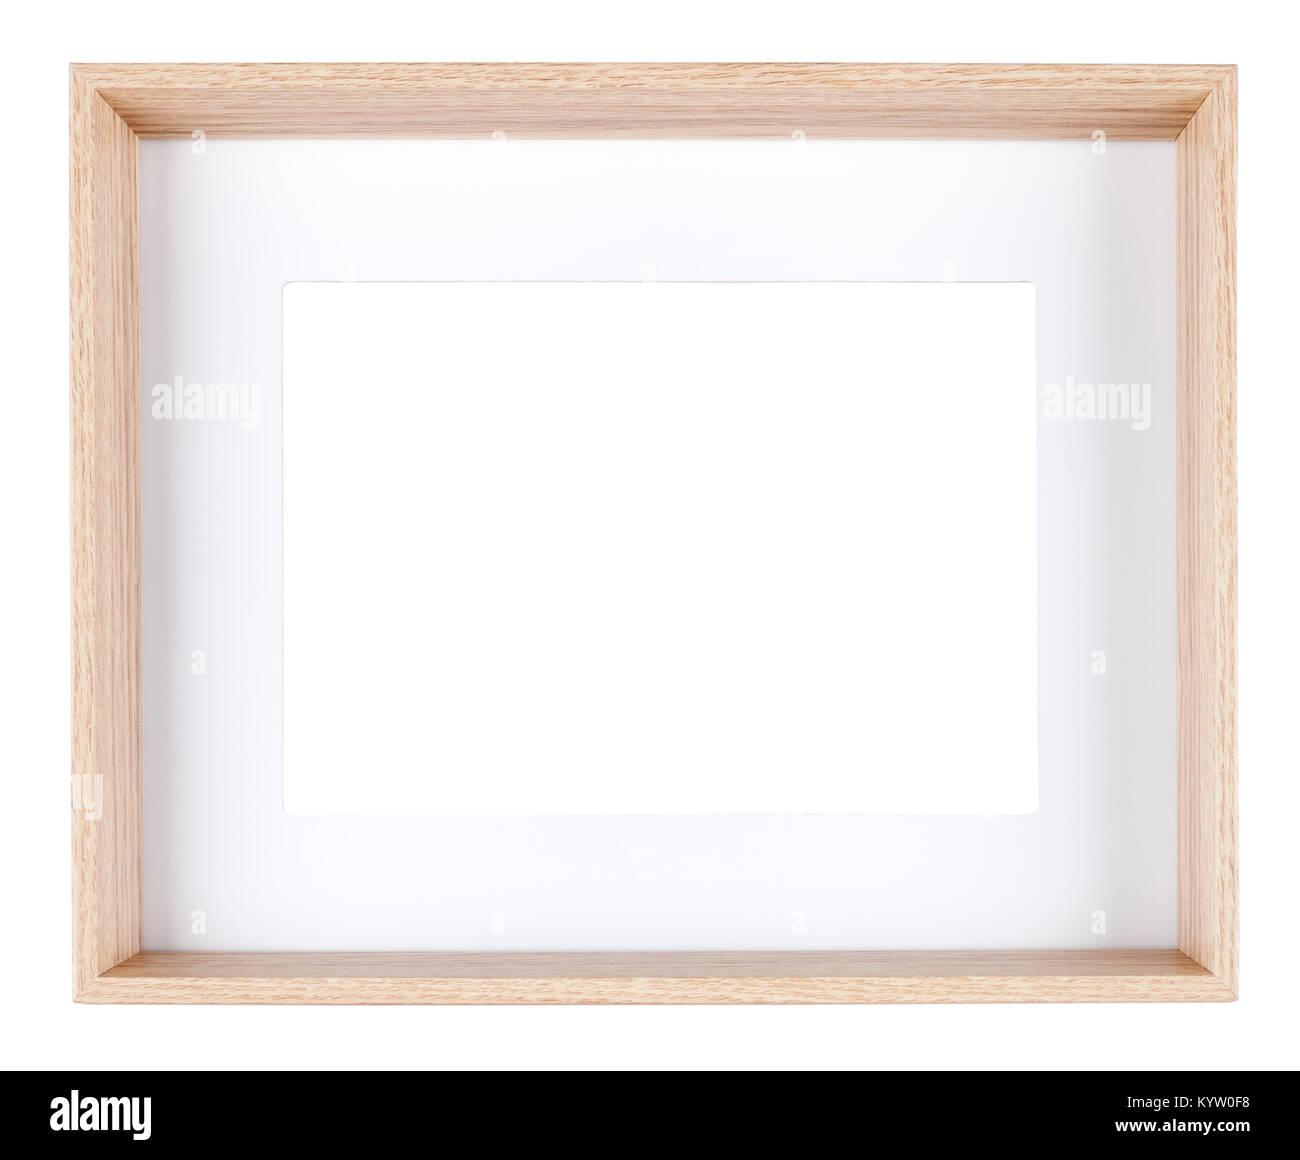 Oak Picture Frame Imágenes De Stock & Oak Picture Frame Fotos De ...